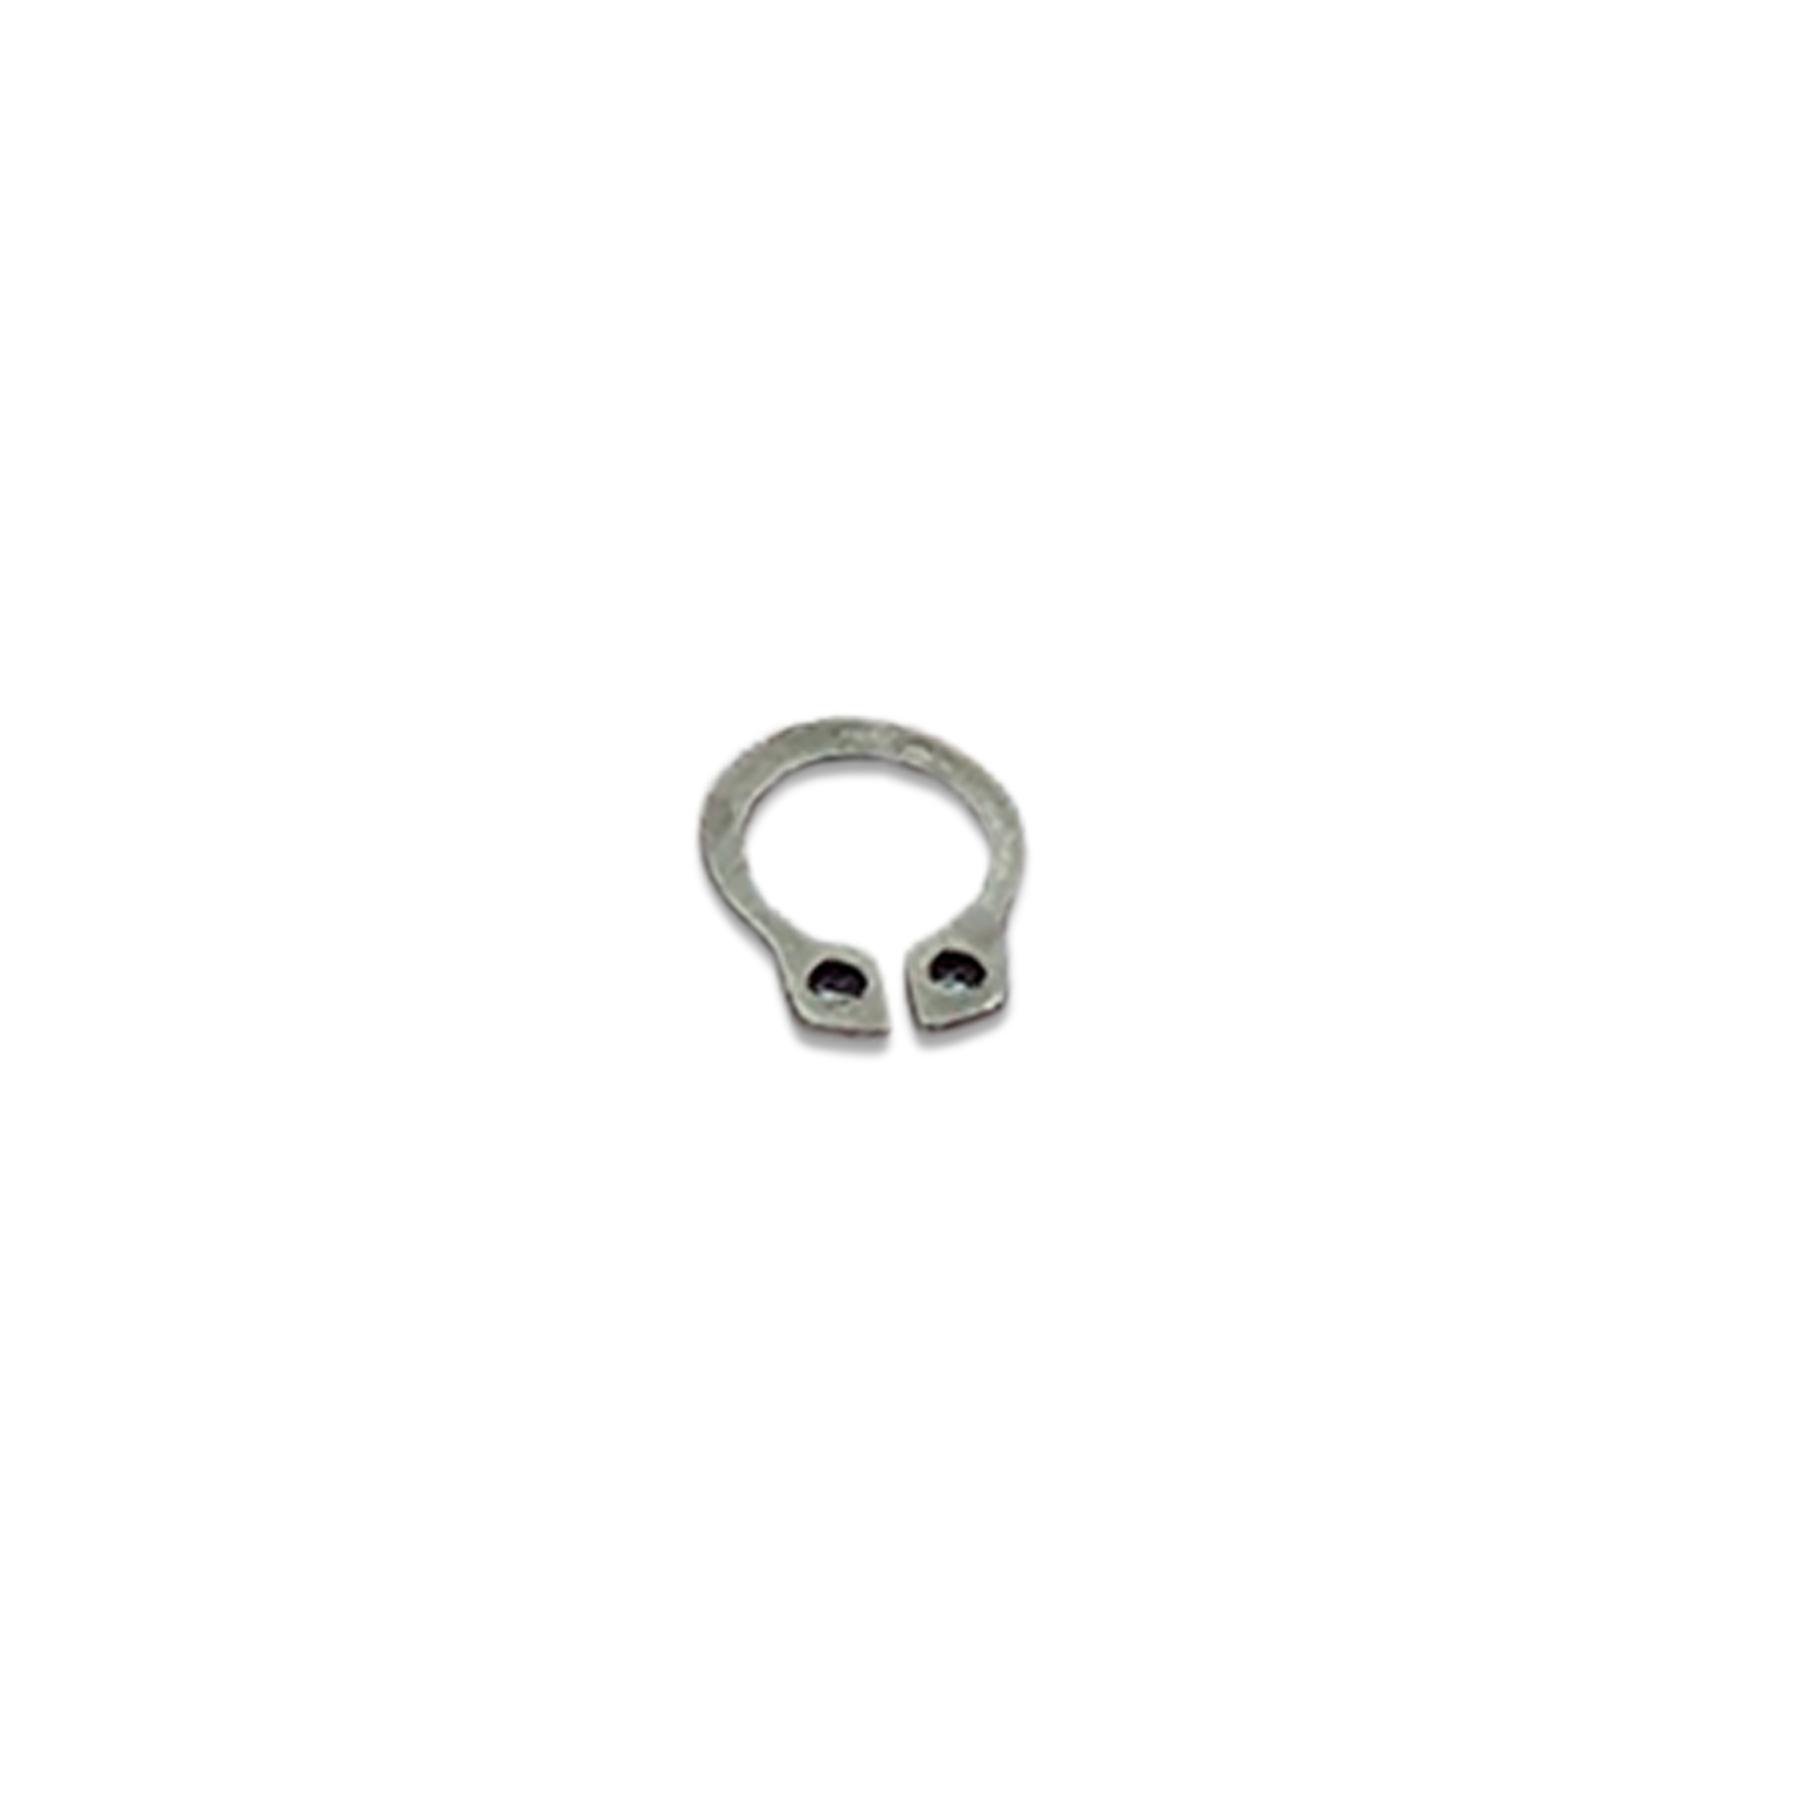 Webasto Gear Snap Ring